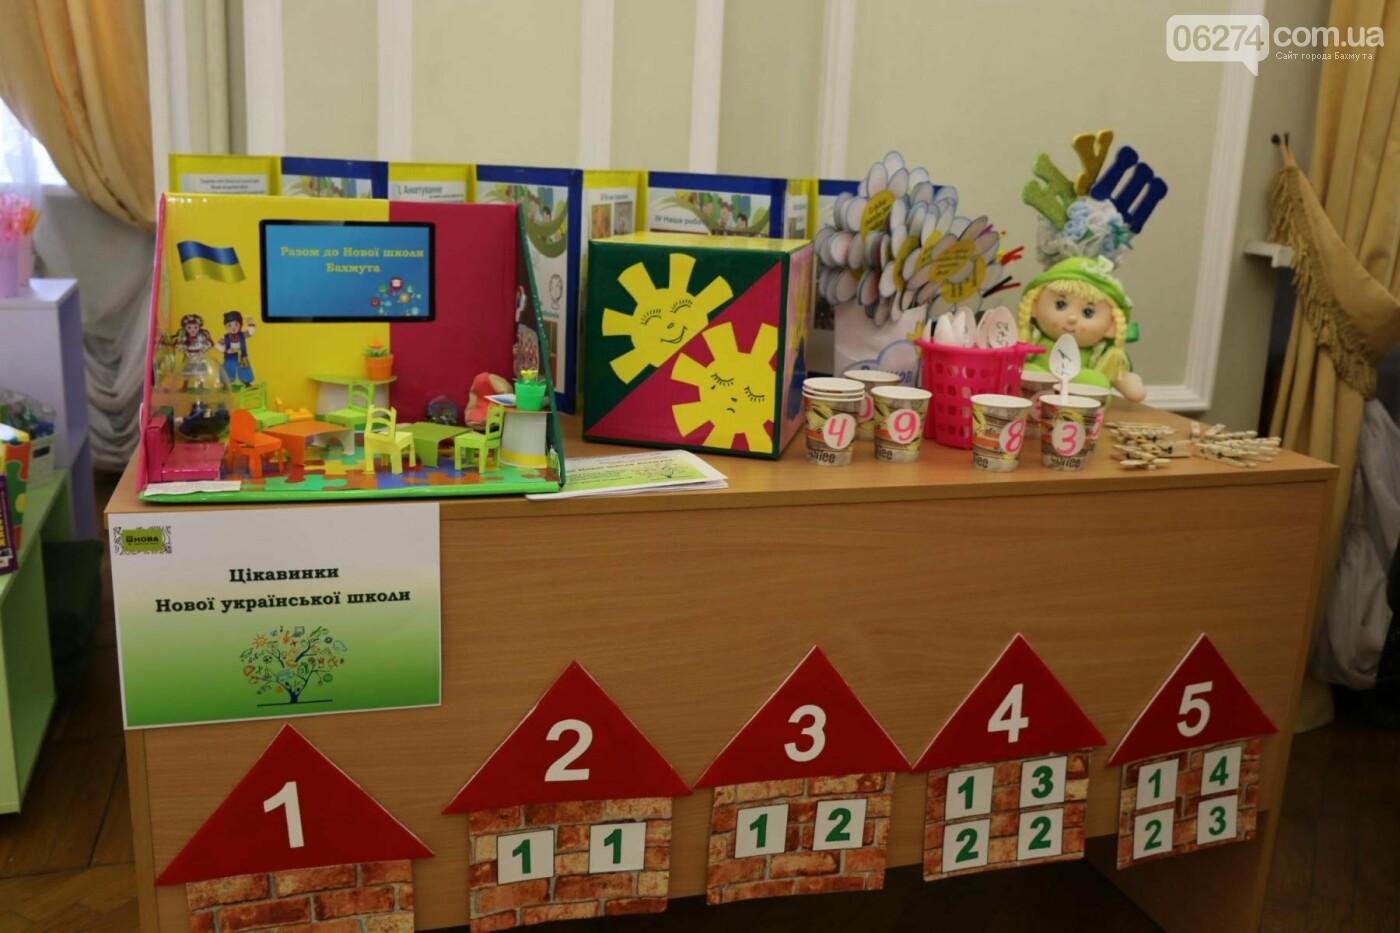 В Бахмуте состоялась августовская педагогическая конференция «Нова українська школа: освіта для життя», фото-4